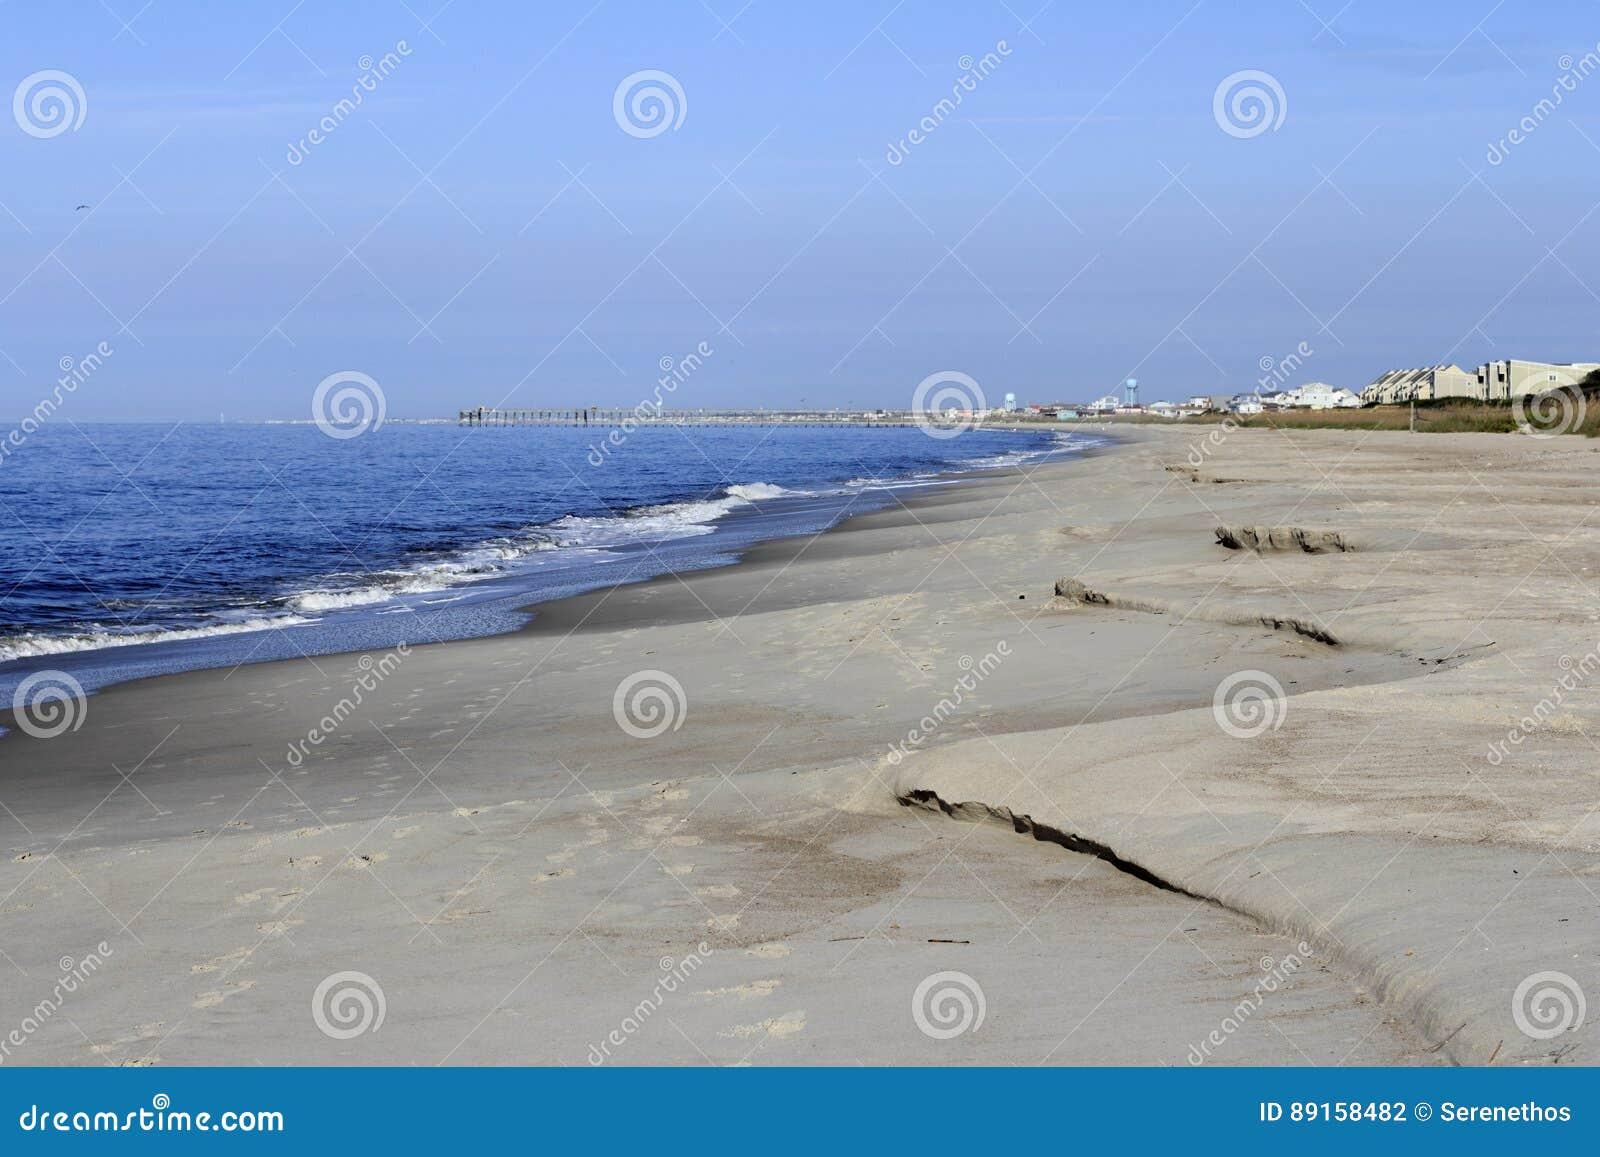 Stranderosion efter en storm